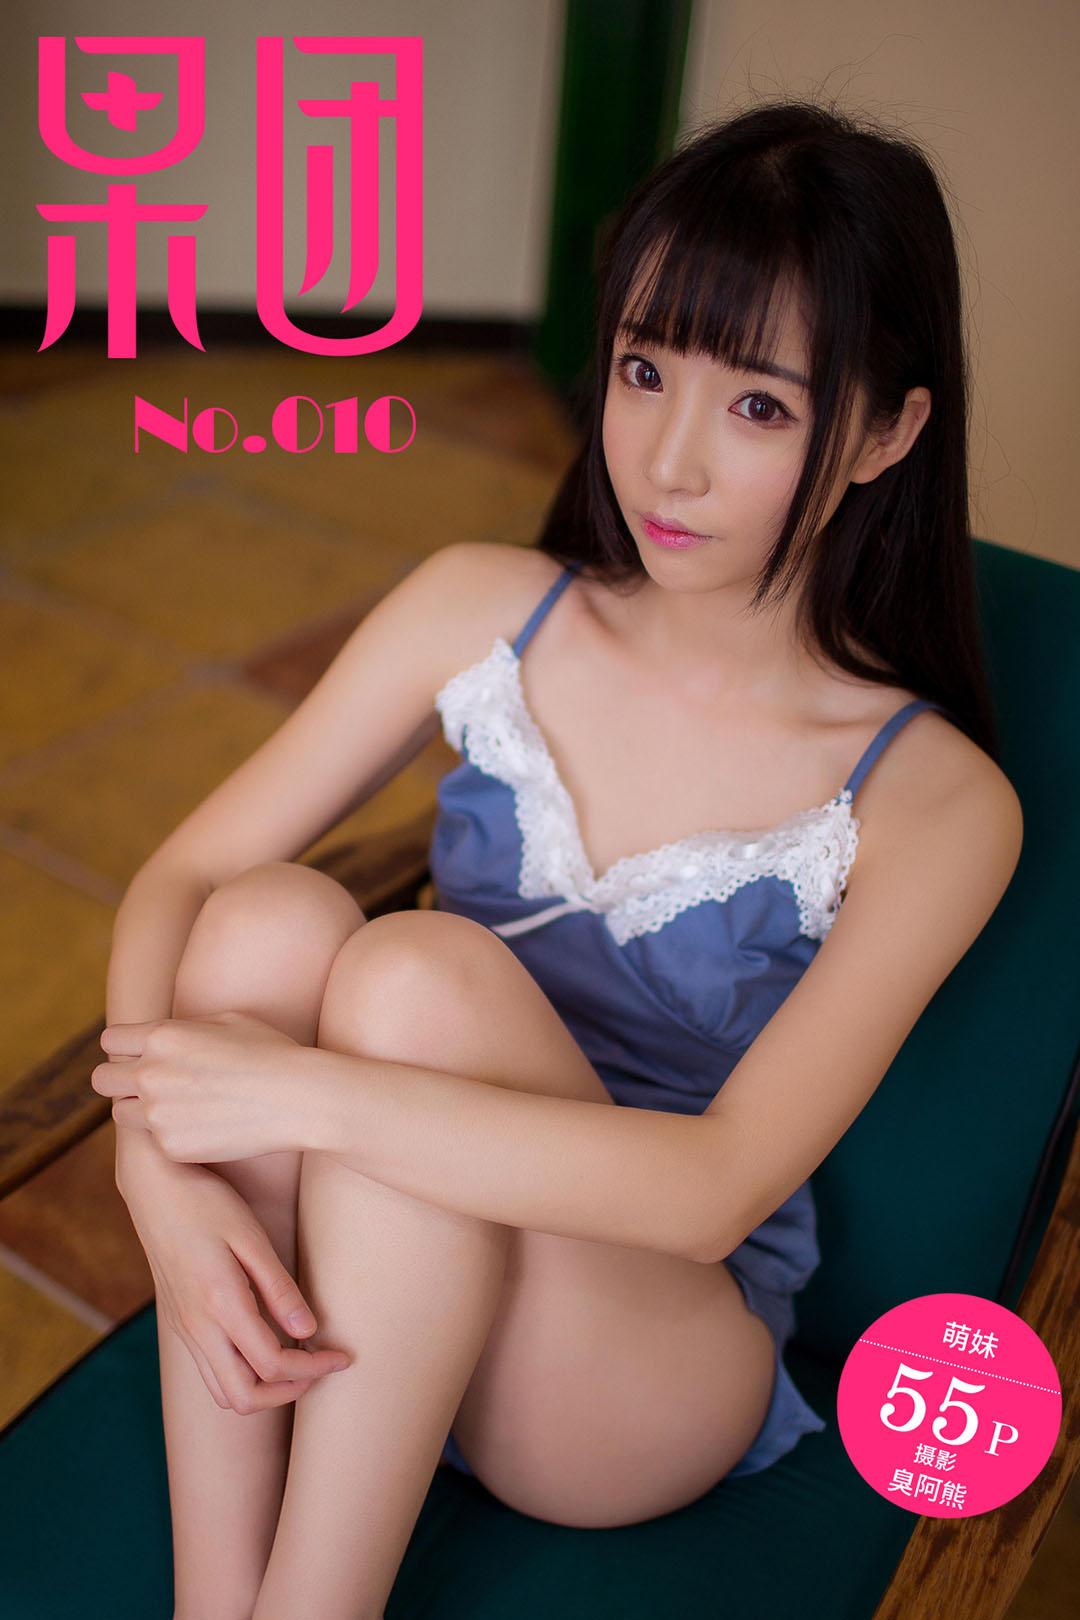 GIRLT No.010